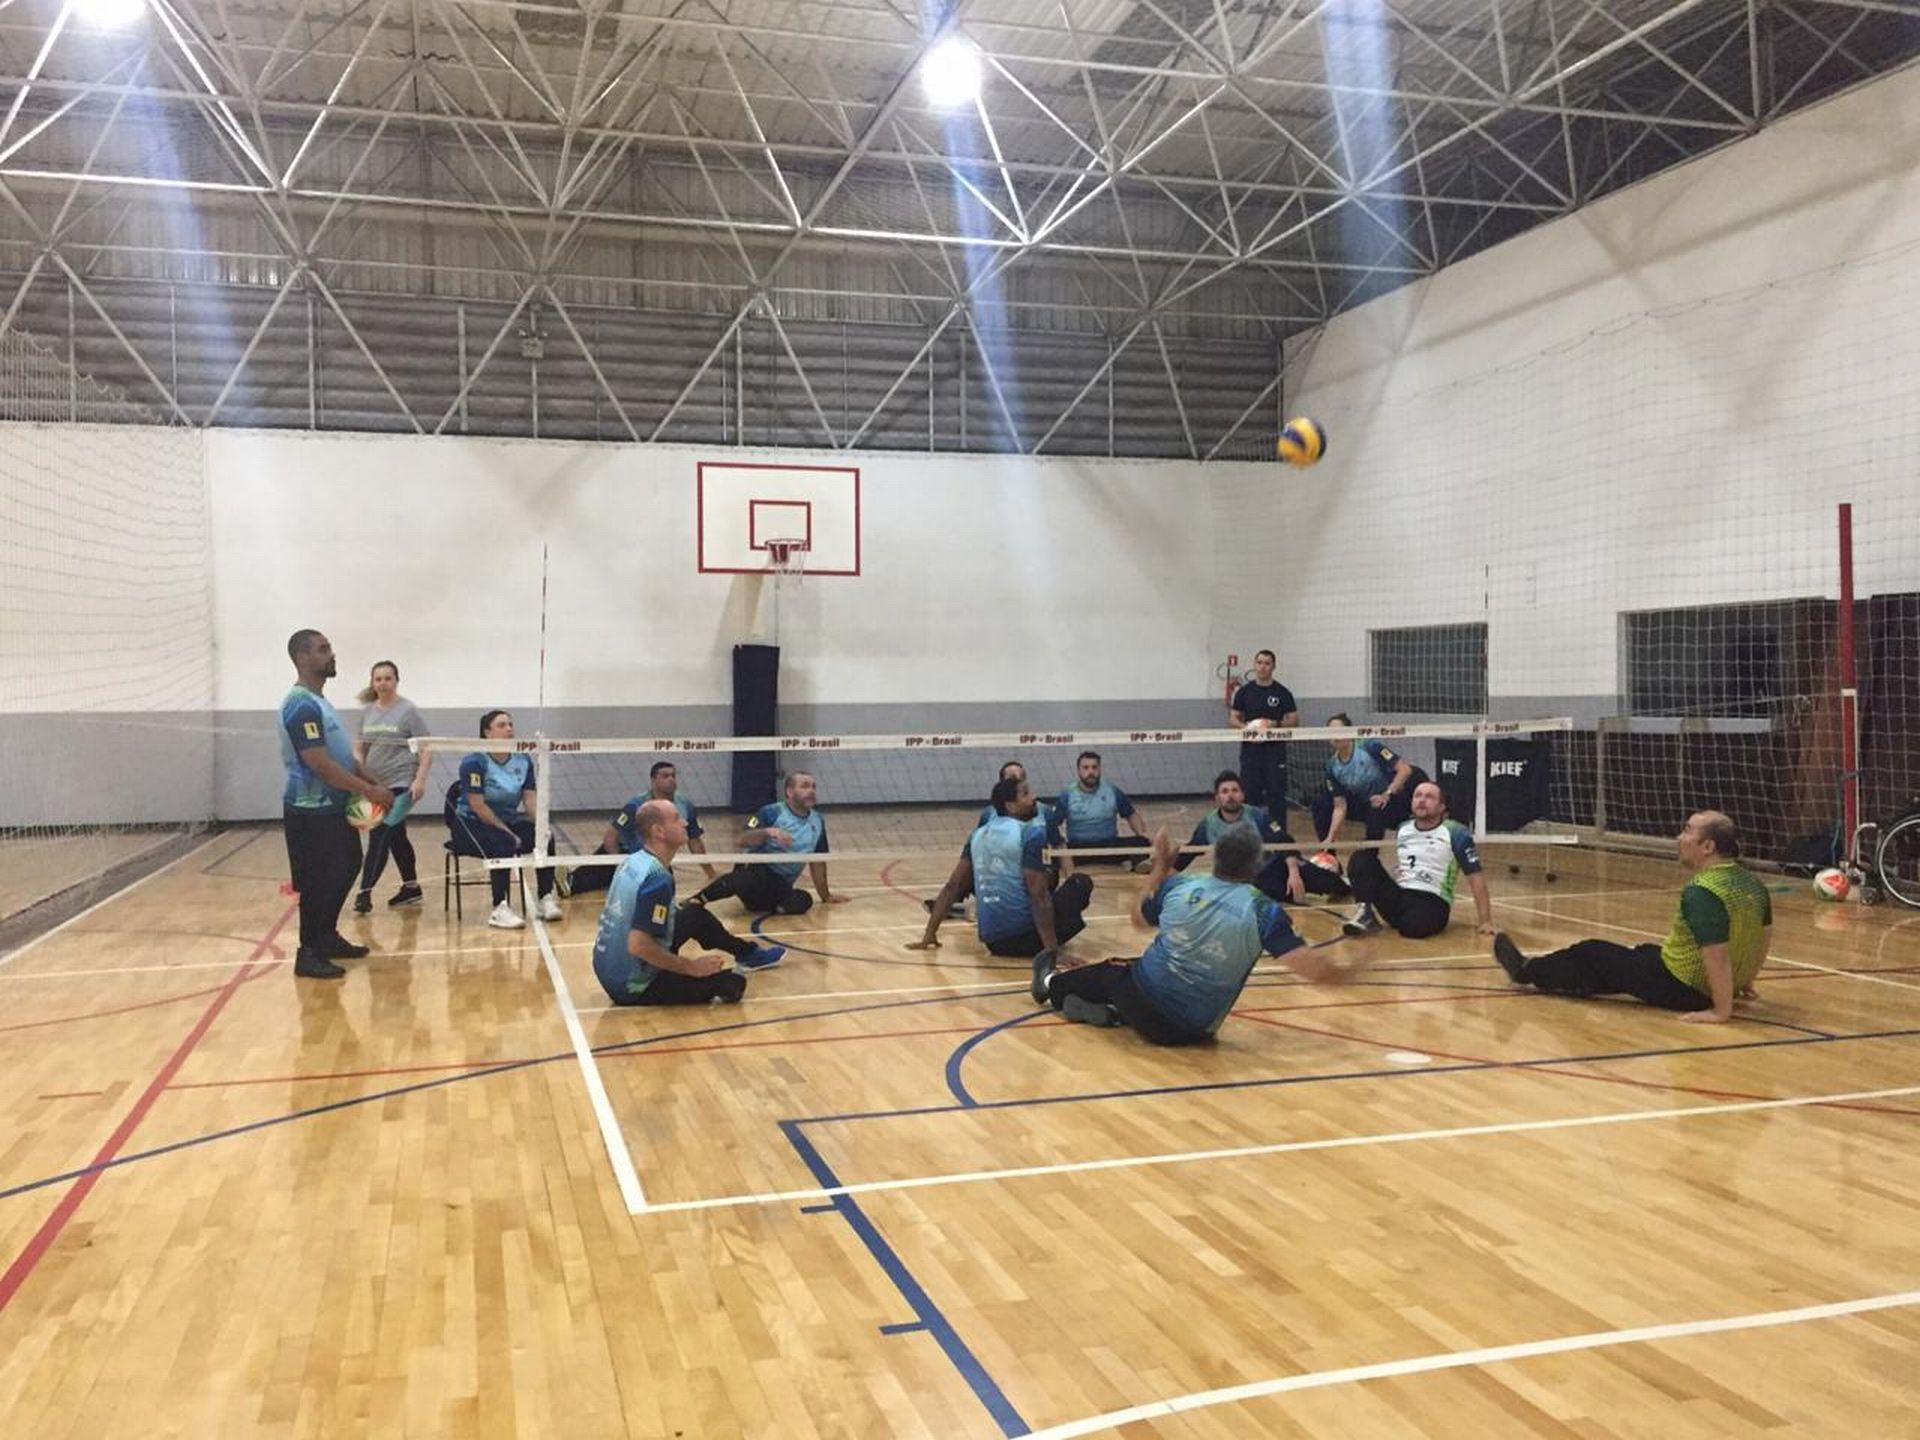 O vôlei sentado foi o esporte que conquistou Daniel. Tanto que ele é medalhista na modalidade Foto: Amanda Milléo / Gazeta do Povo.